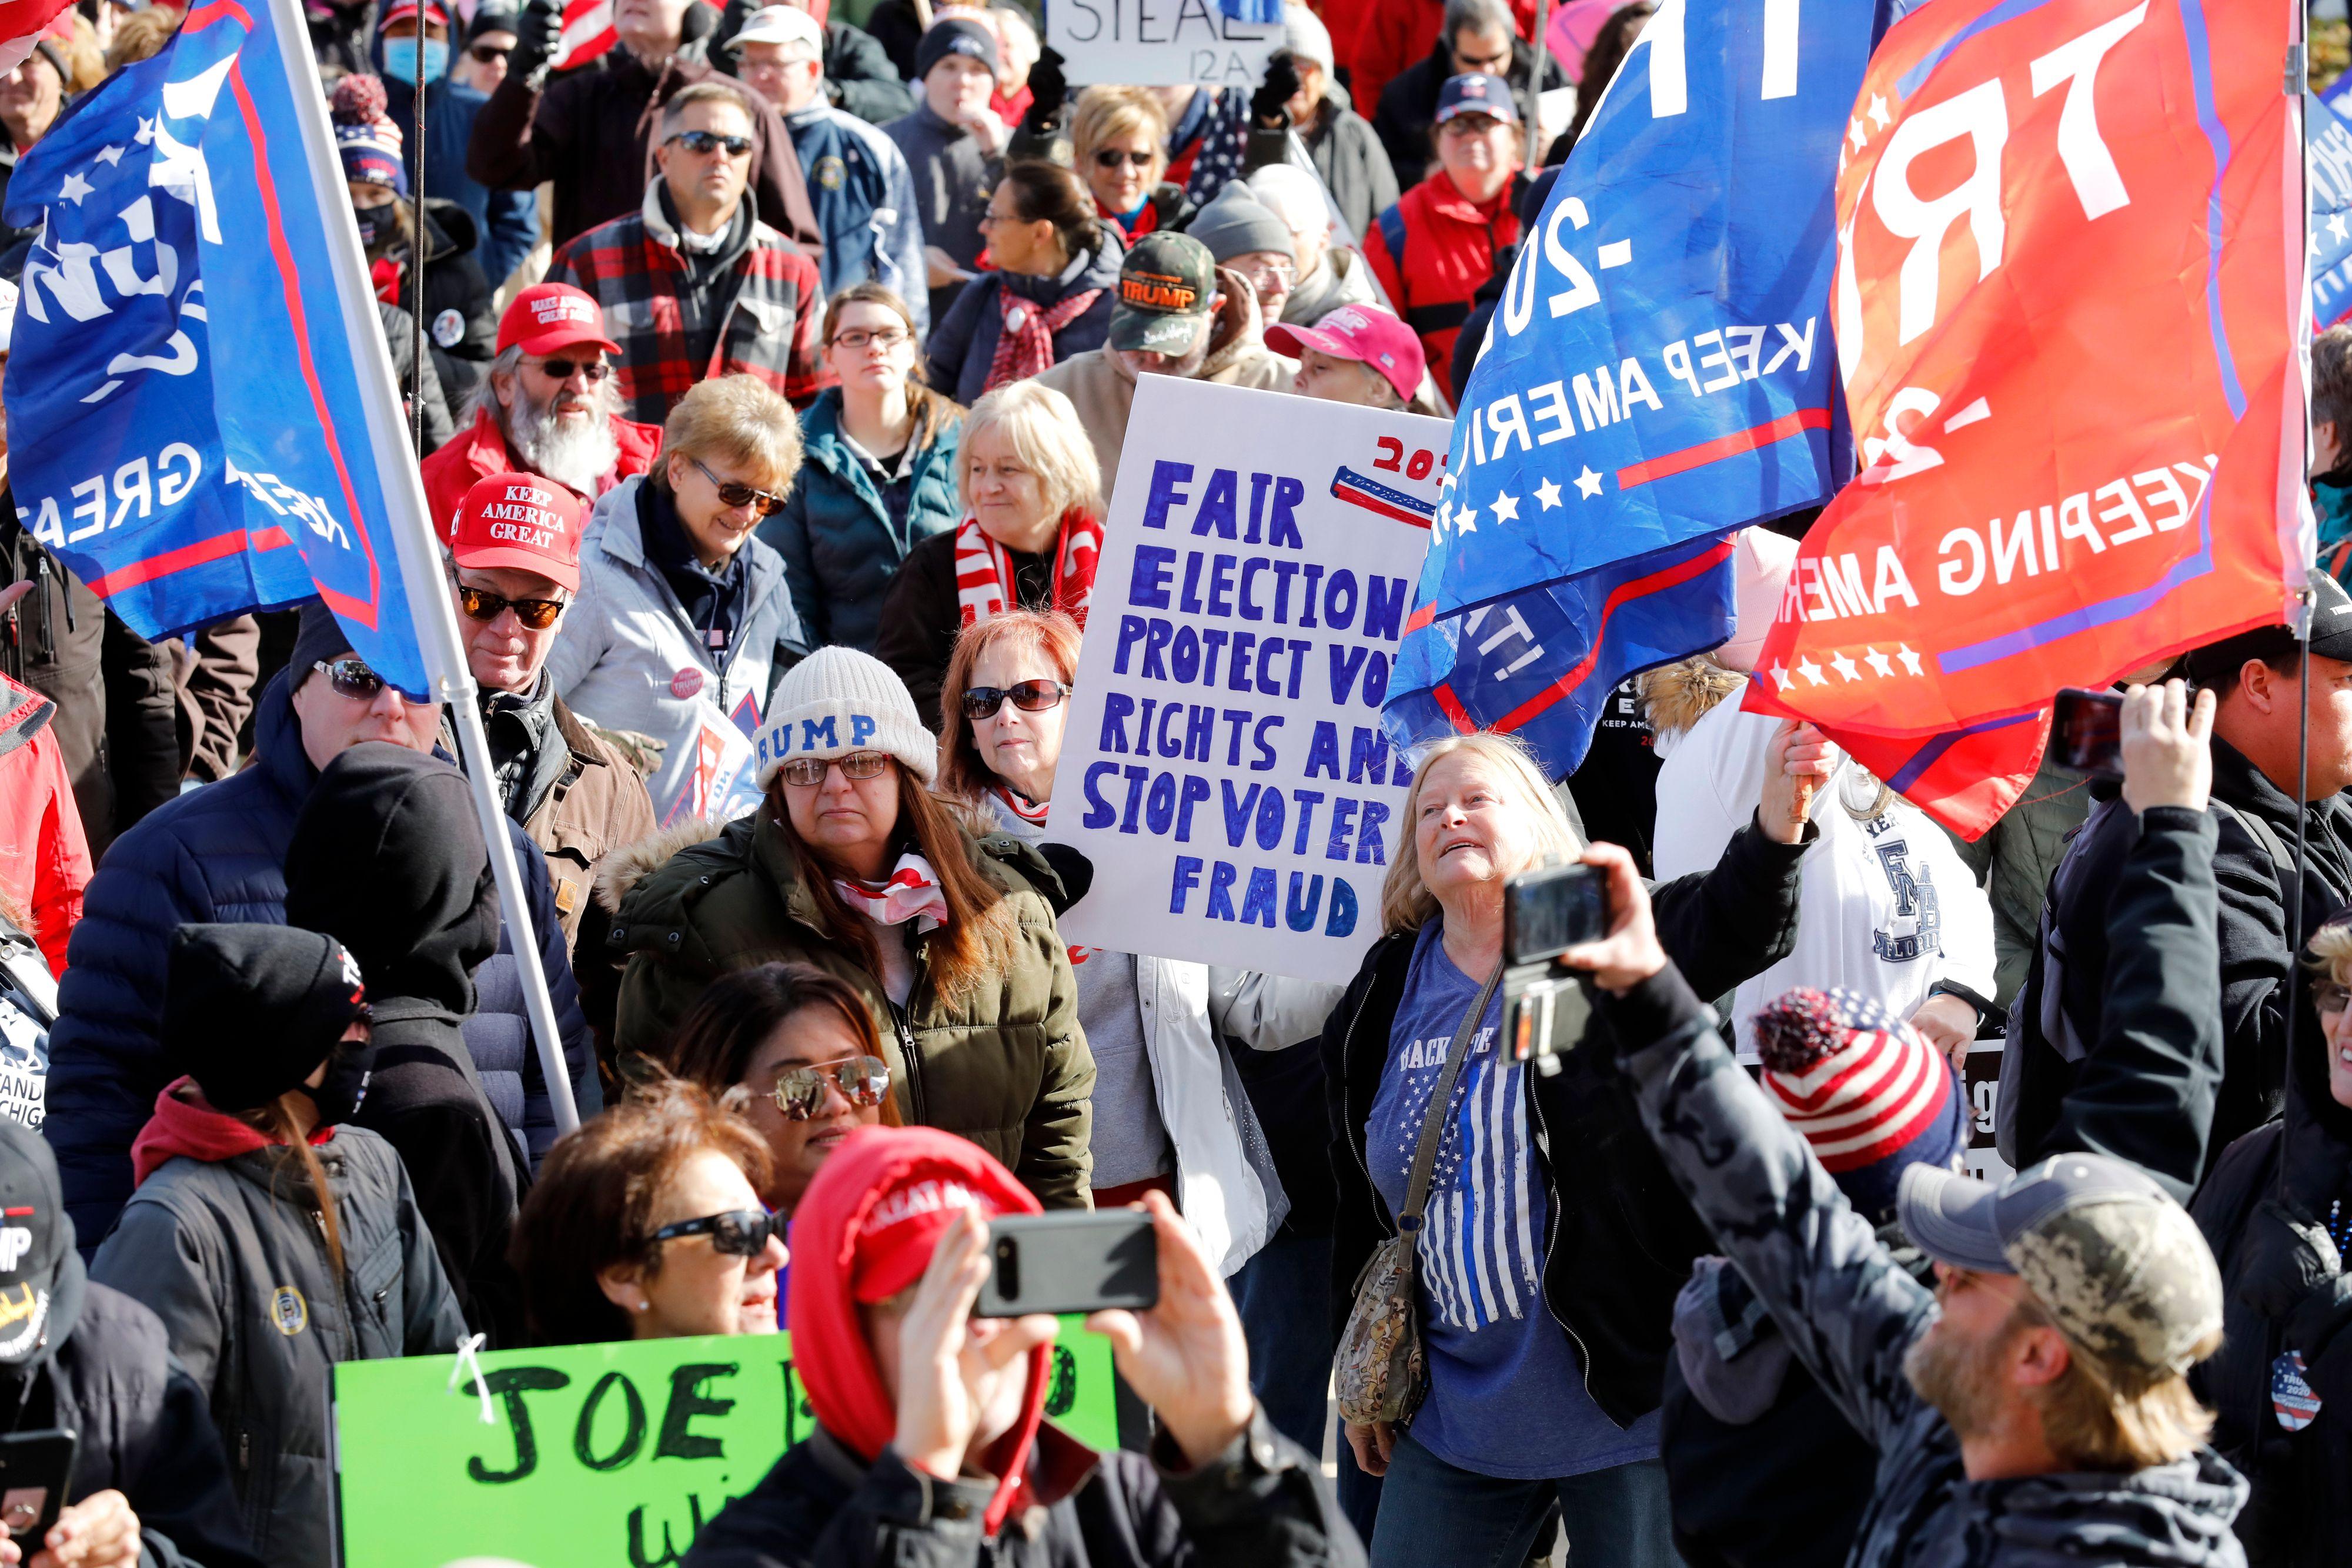 楊威:美國大選舞弊喚起更多人追尋真相